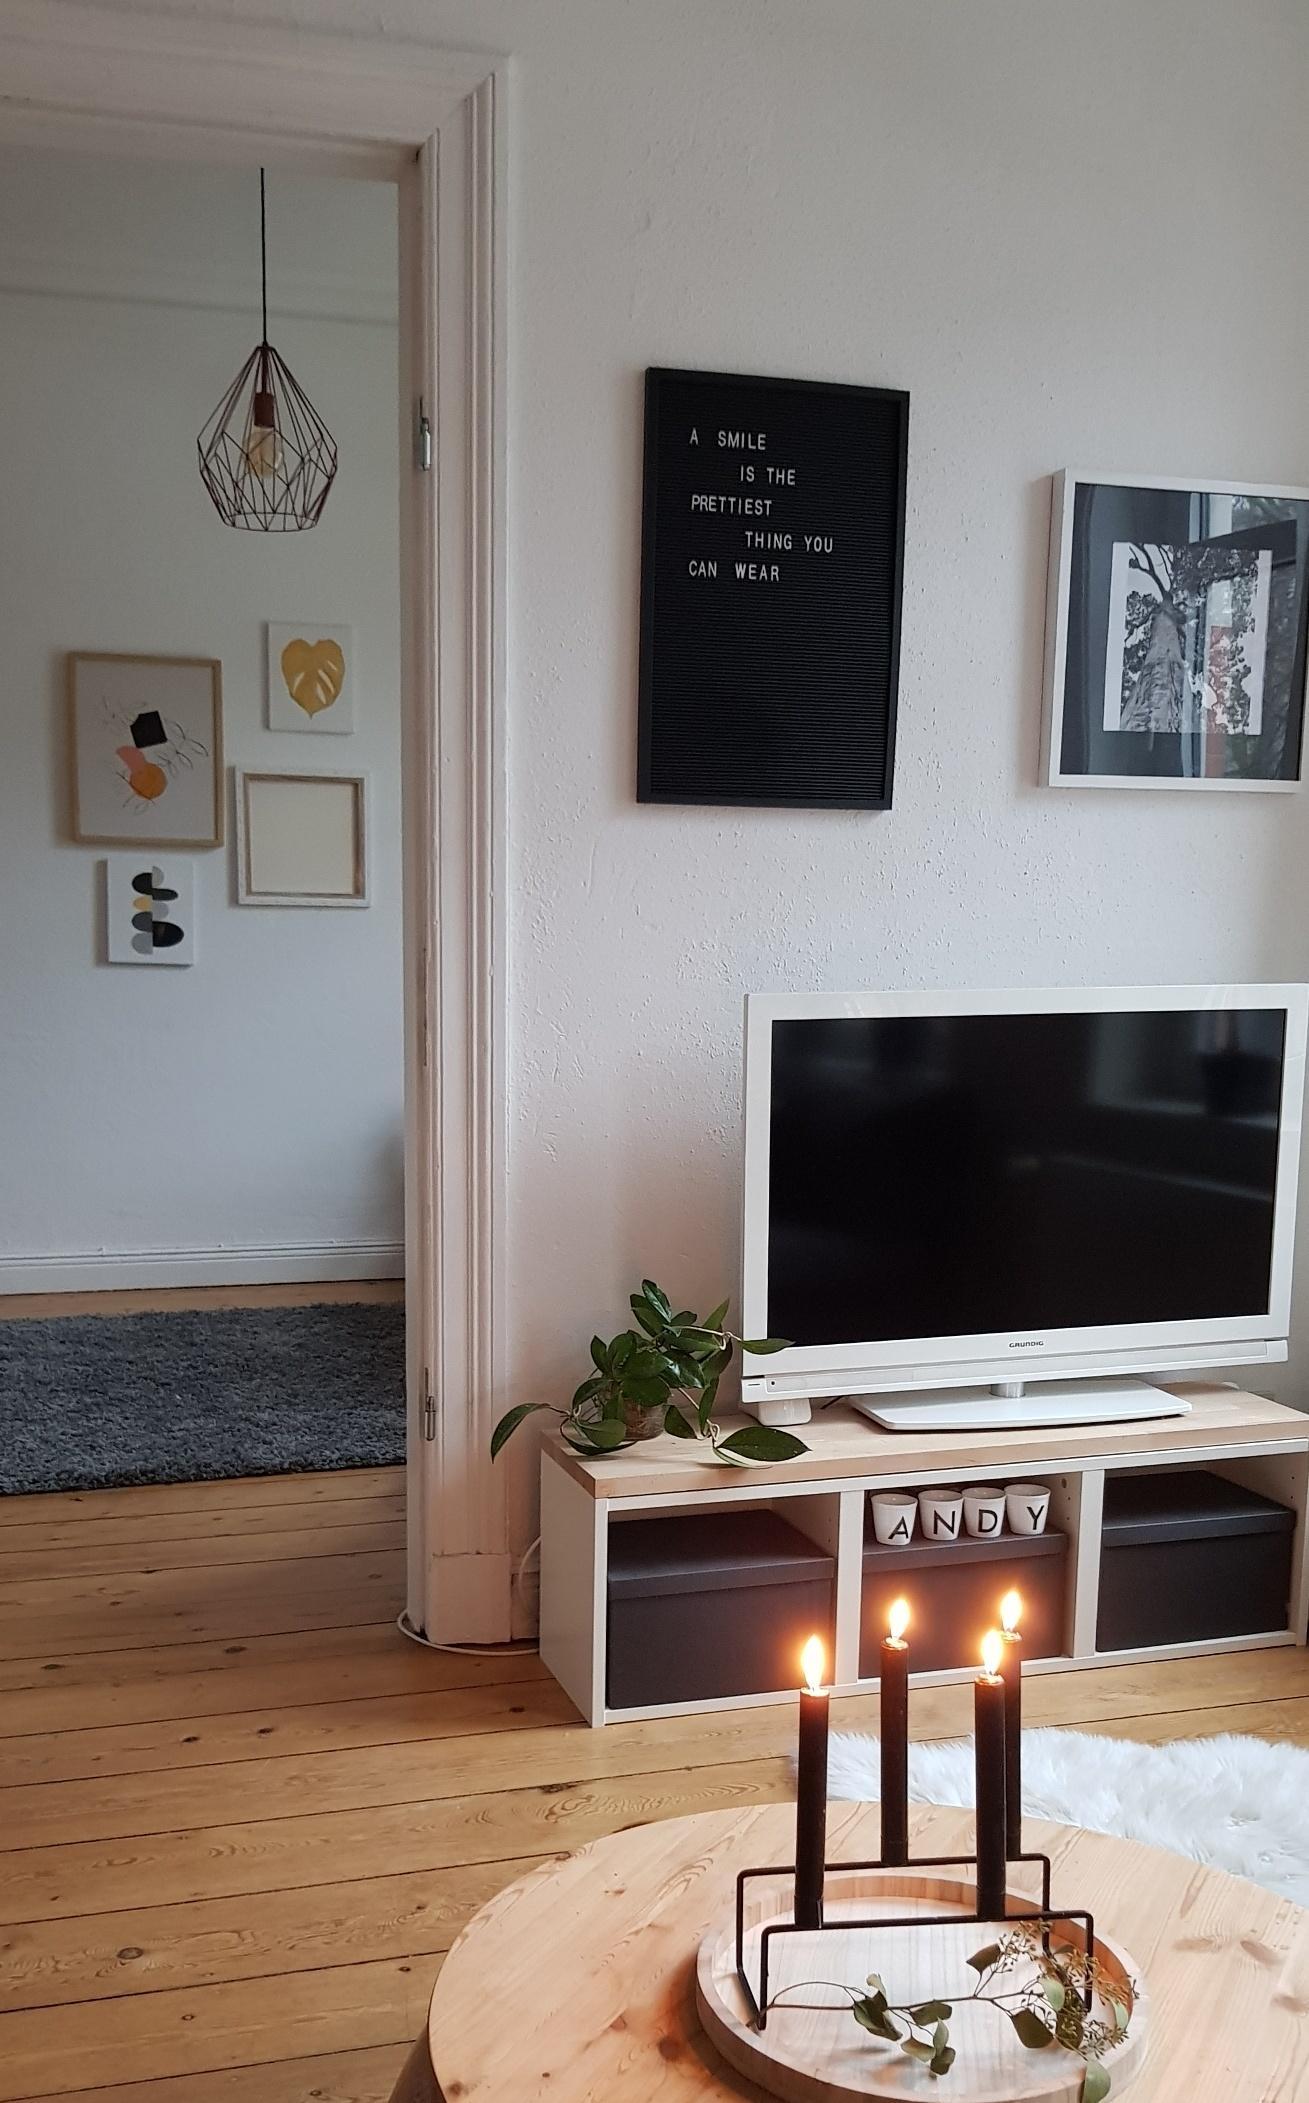 diyweek teile deine projekte mit der community. Black Bedroom Furniture Sets. Home Design Ideas